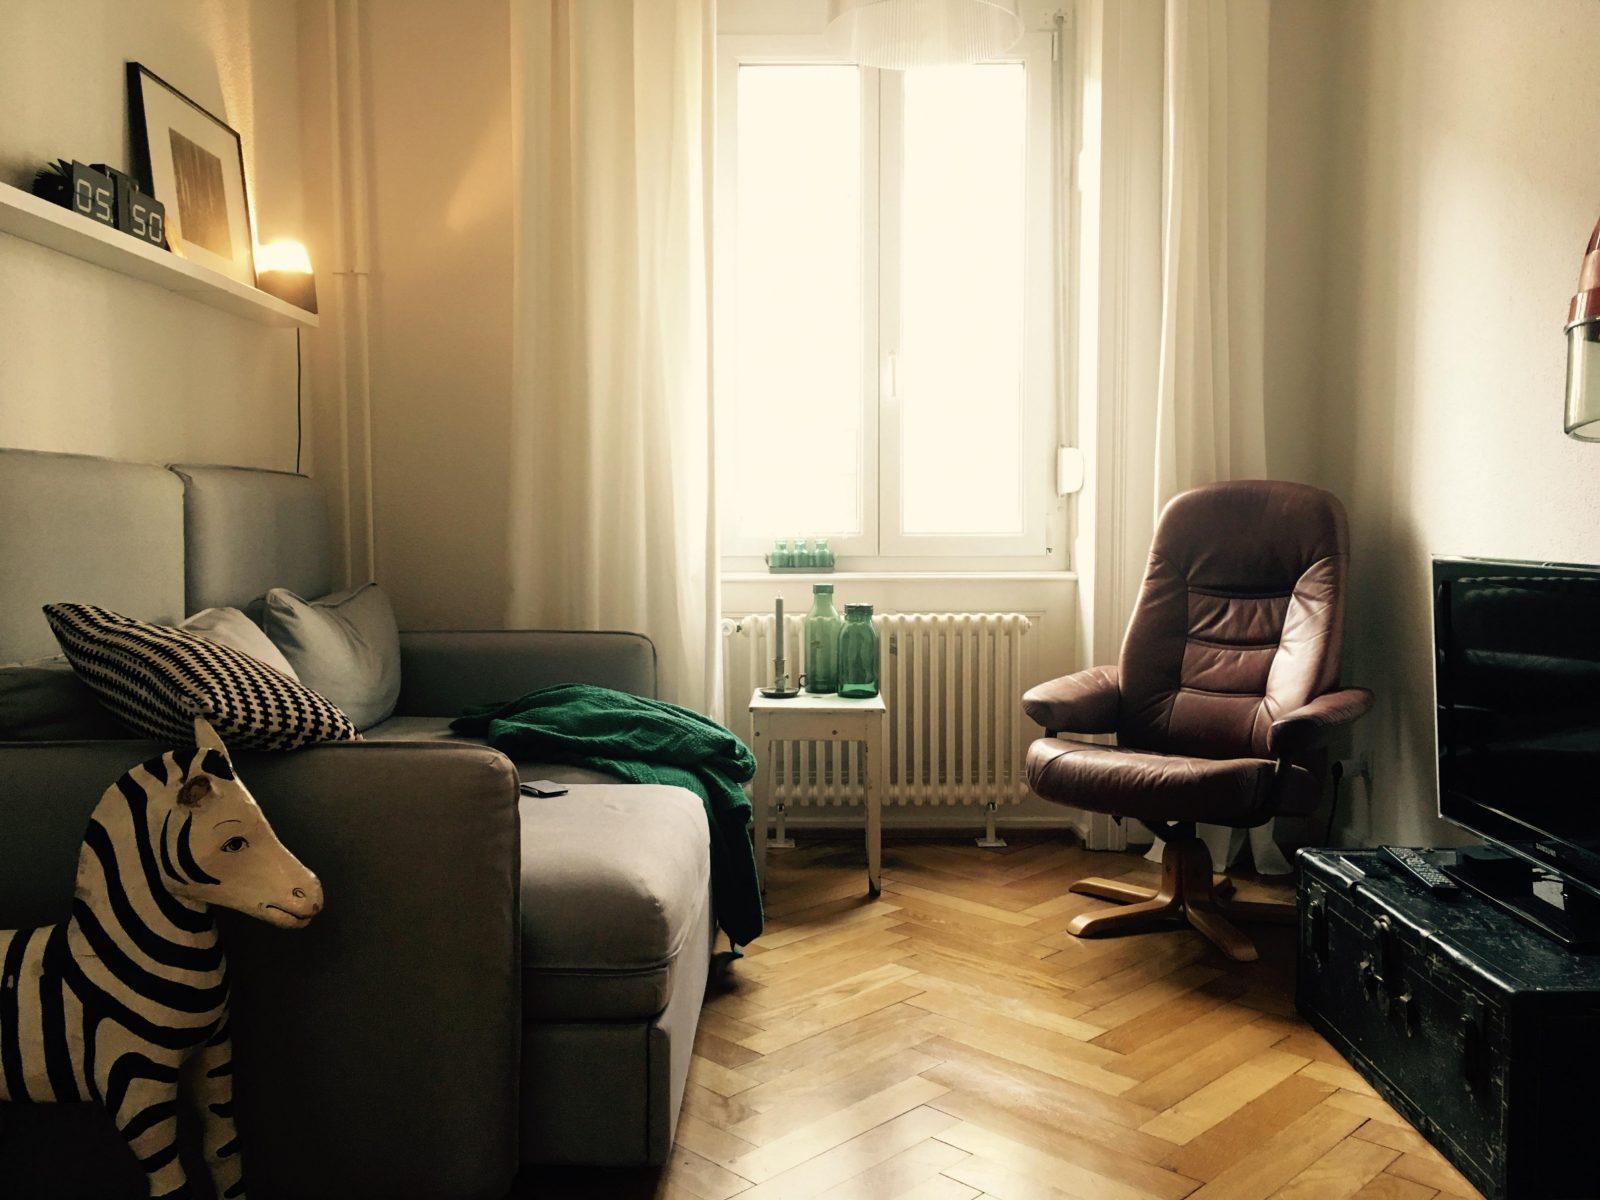 Gemütliches Wohnzimmer So Schaffst Du Eine Kuscheloase von Wie Gestalte Ich Mein Wohnzimmer Gemütlich Bild